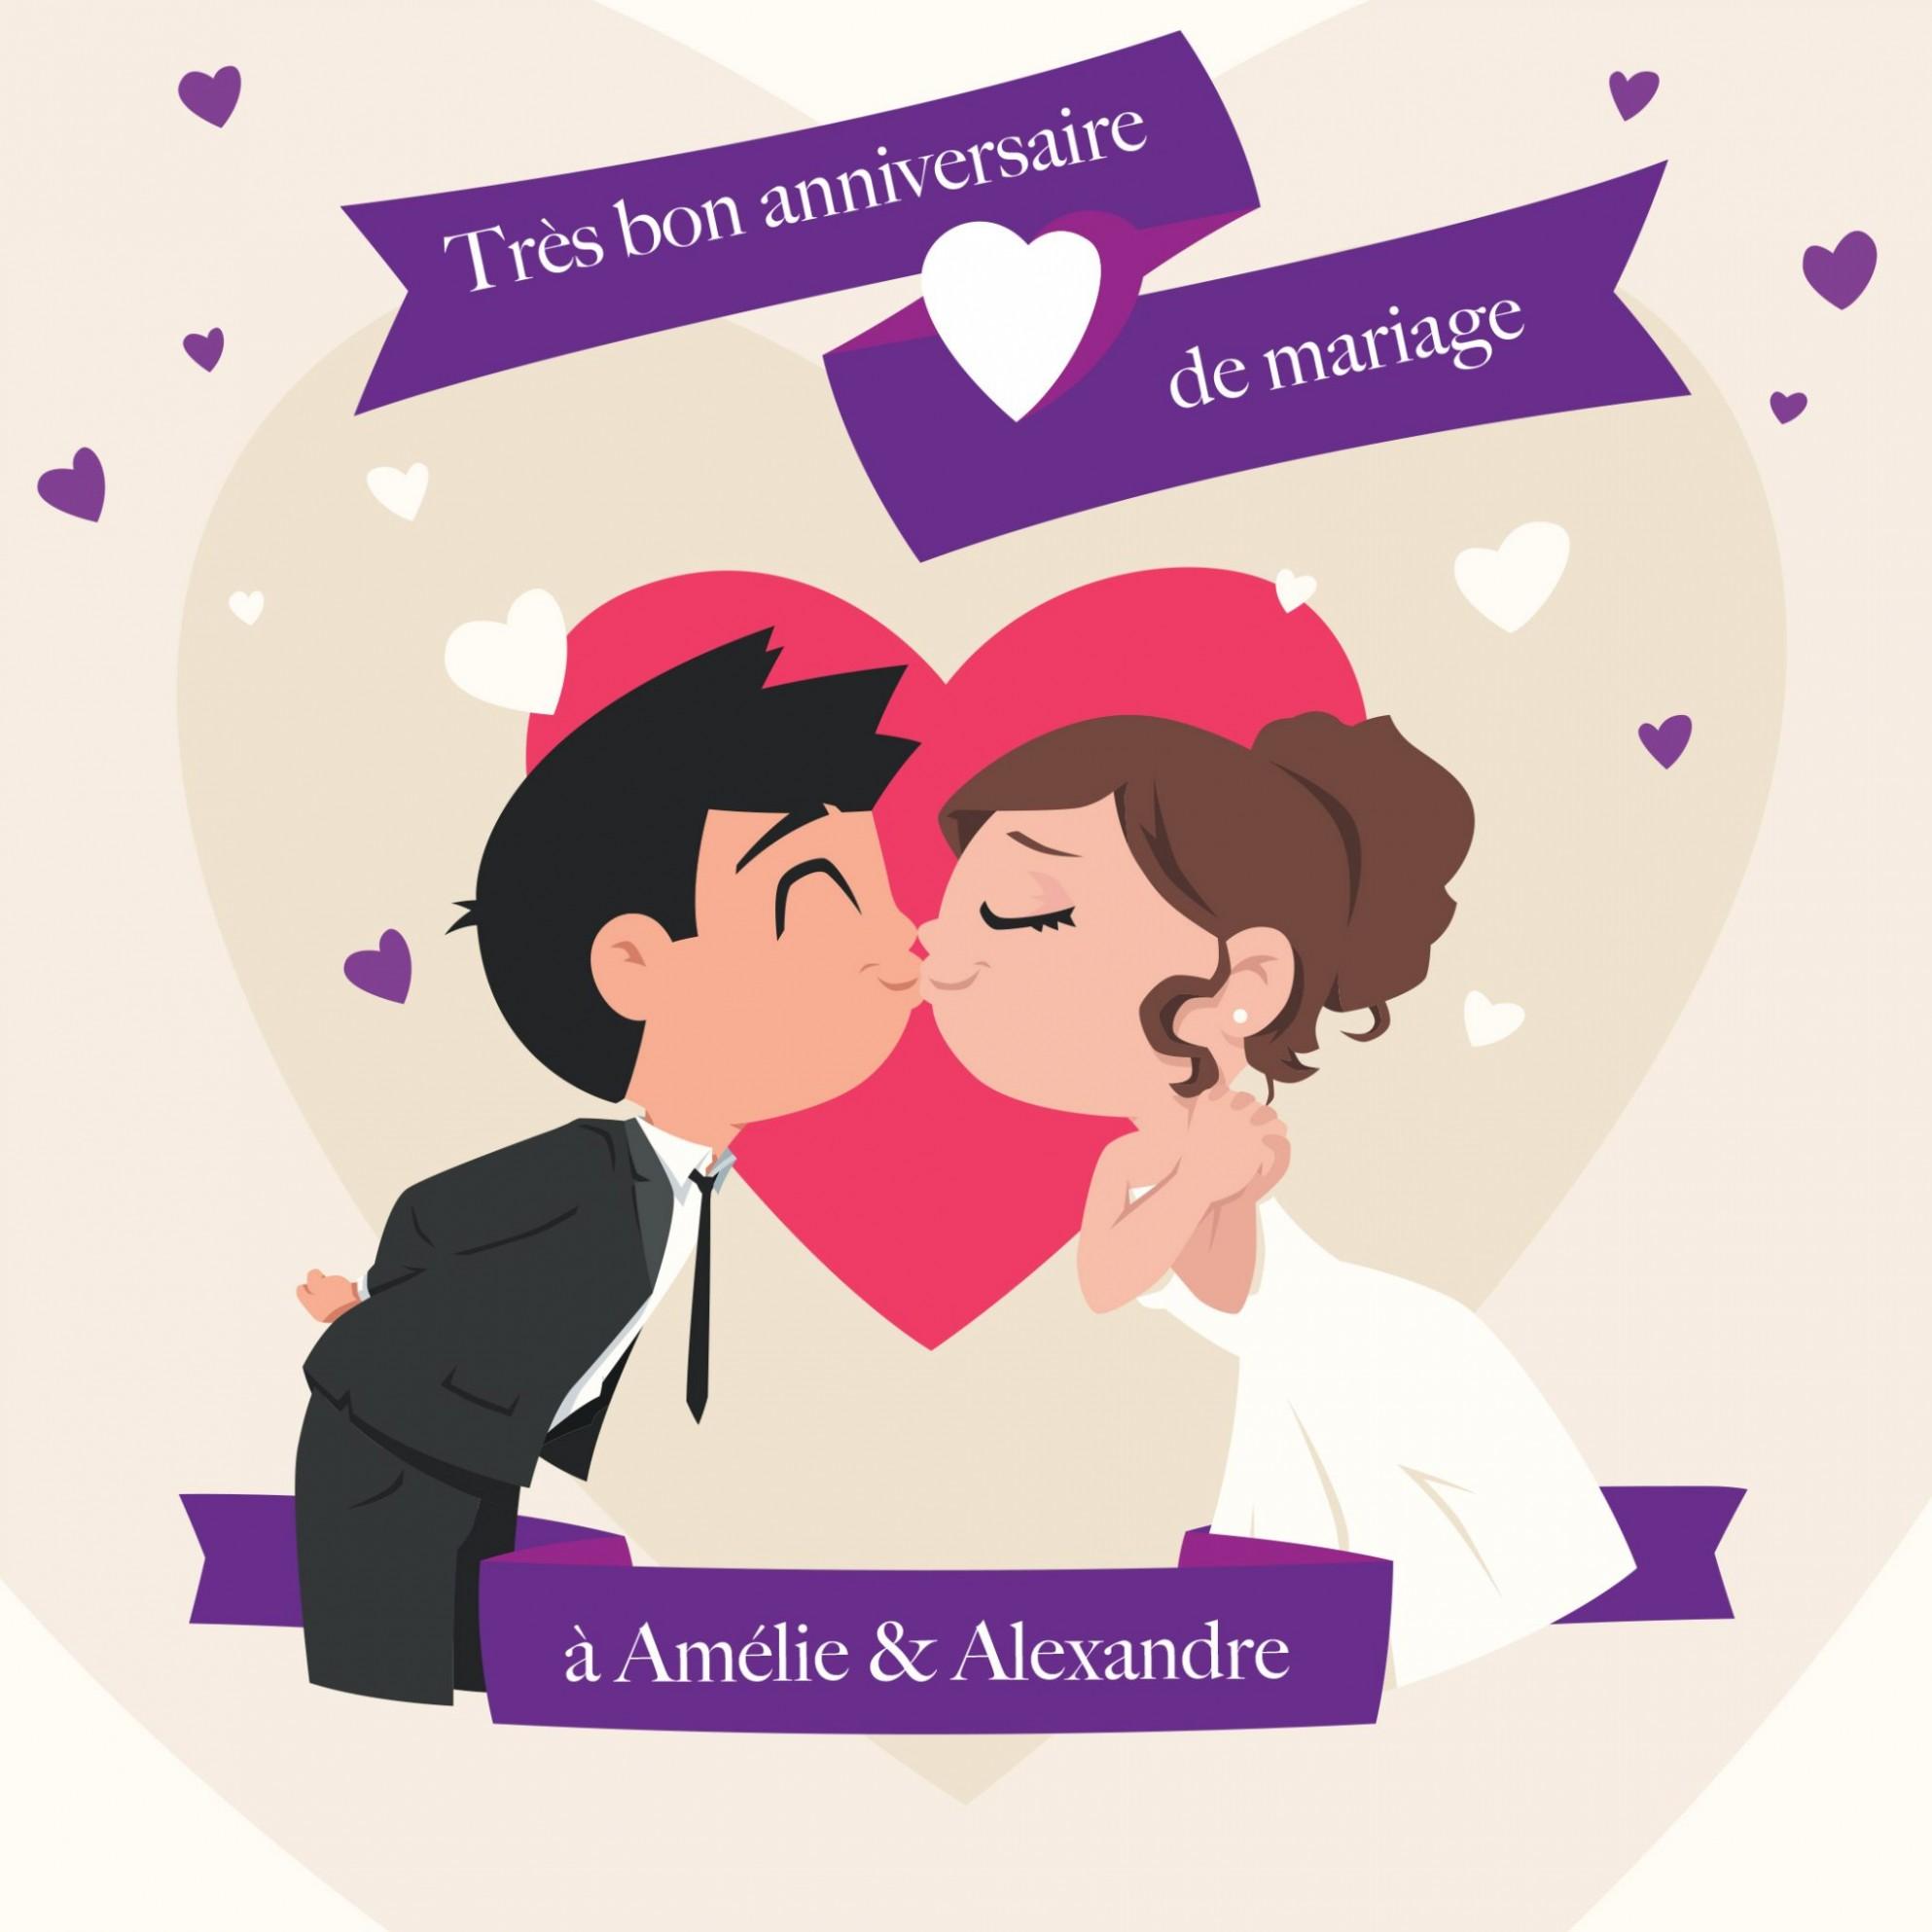 4 anniversaire de mariage